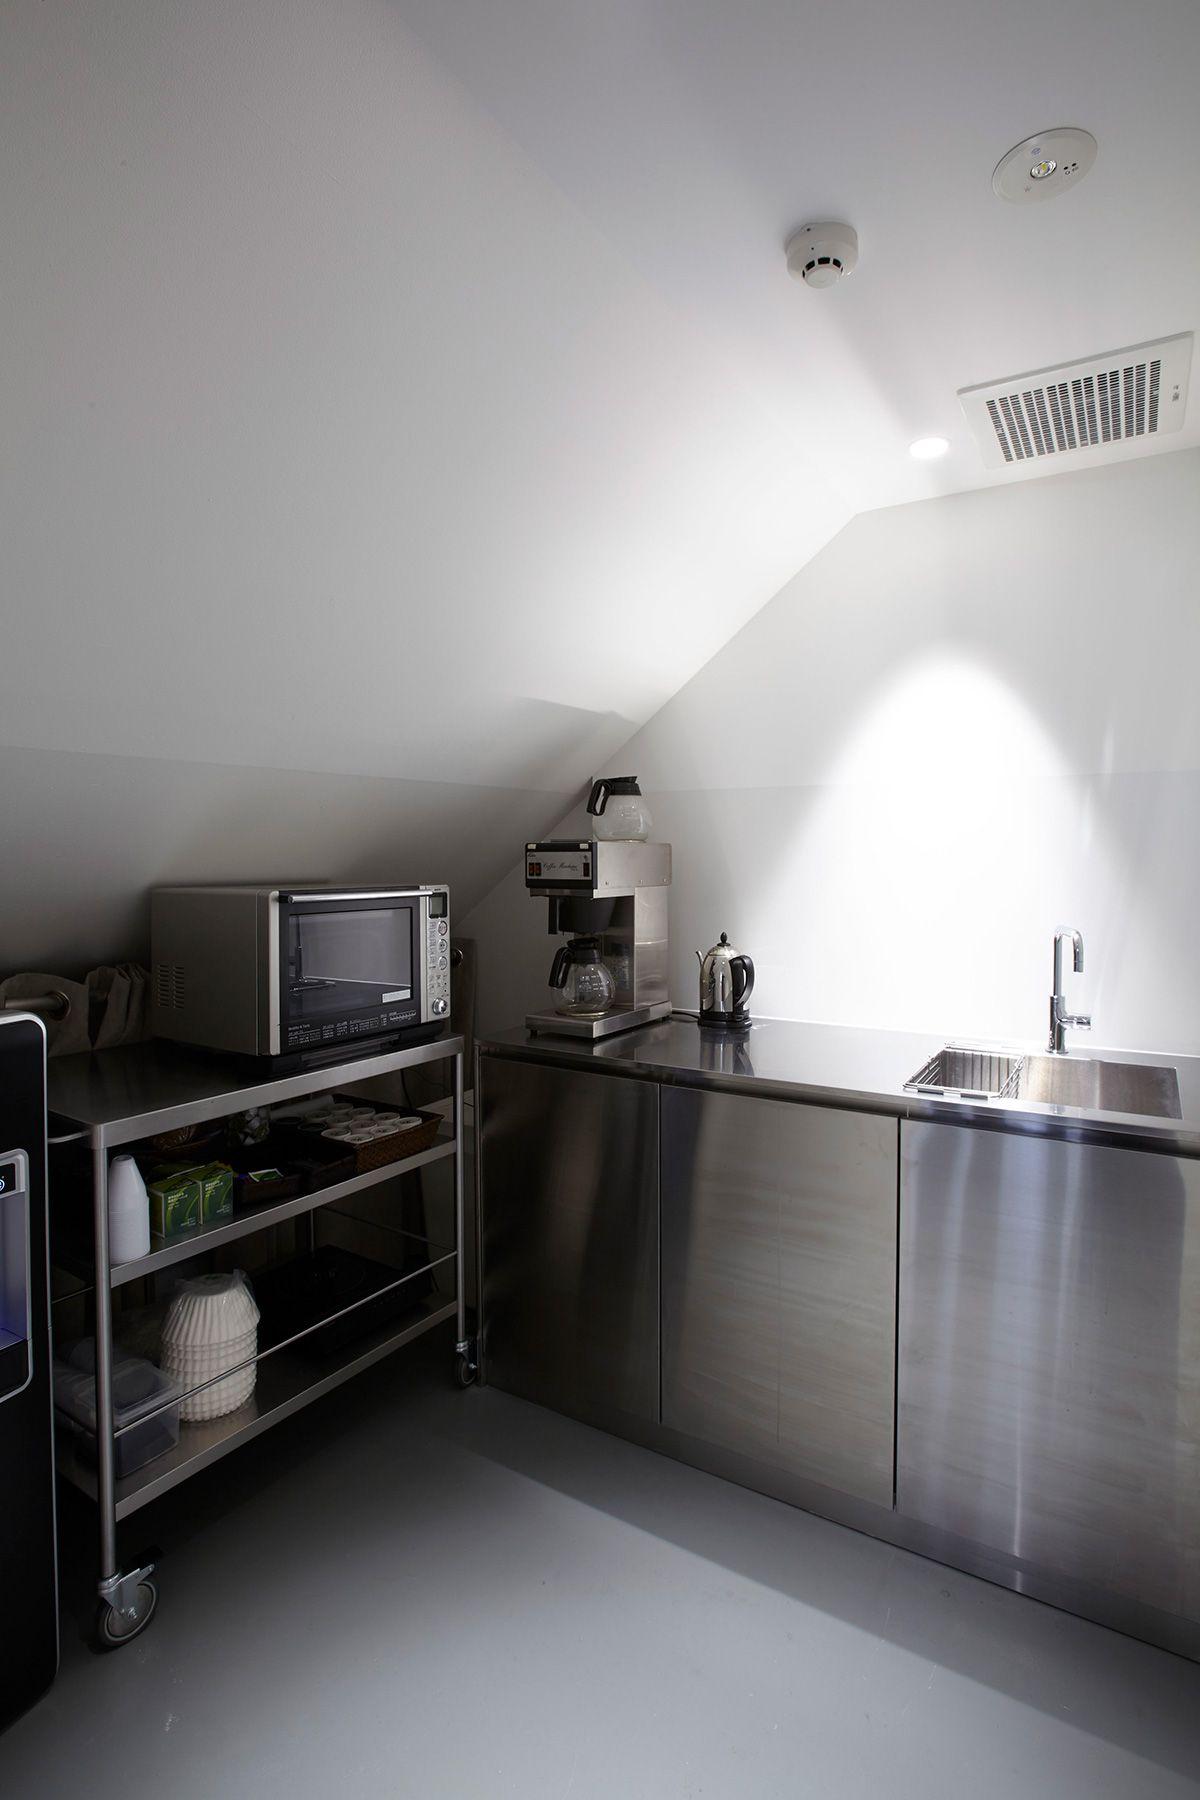 BASE STUDIO 2F +STYLE (ベーススタジオ 2F +スタイル)ミニキッチン